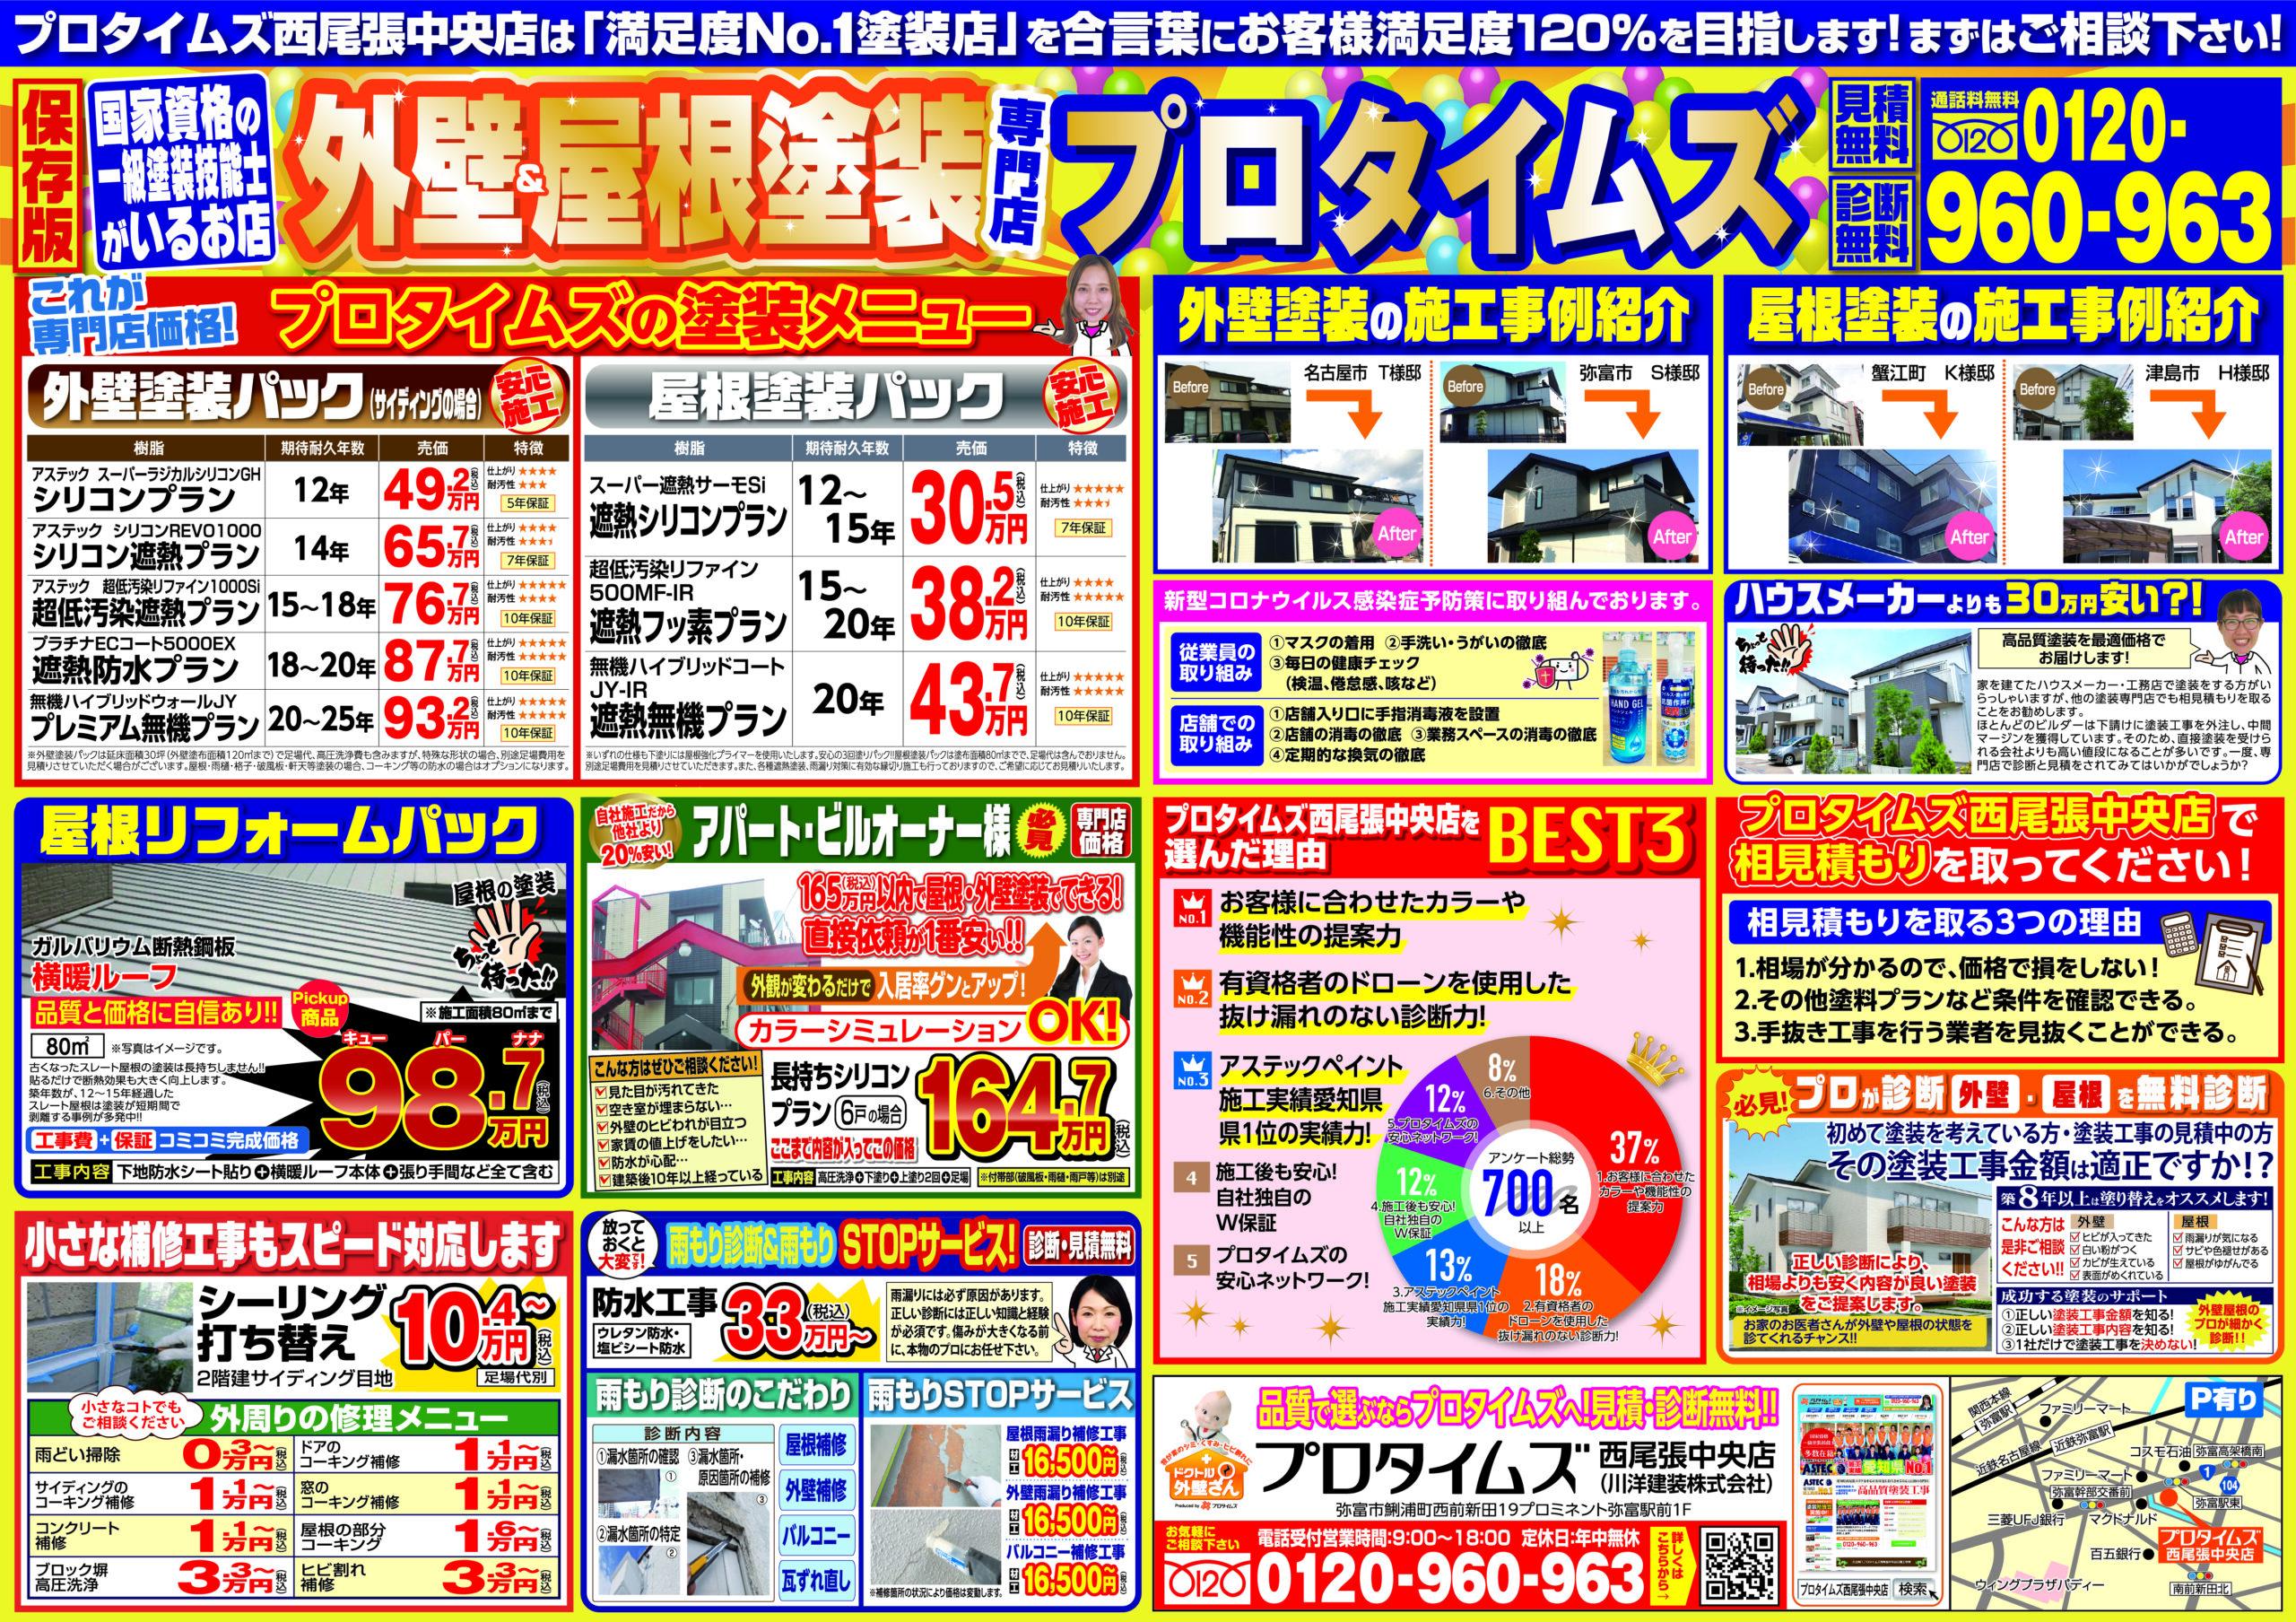 プロタイムズ西尾張中央店チラシ2